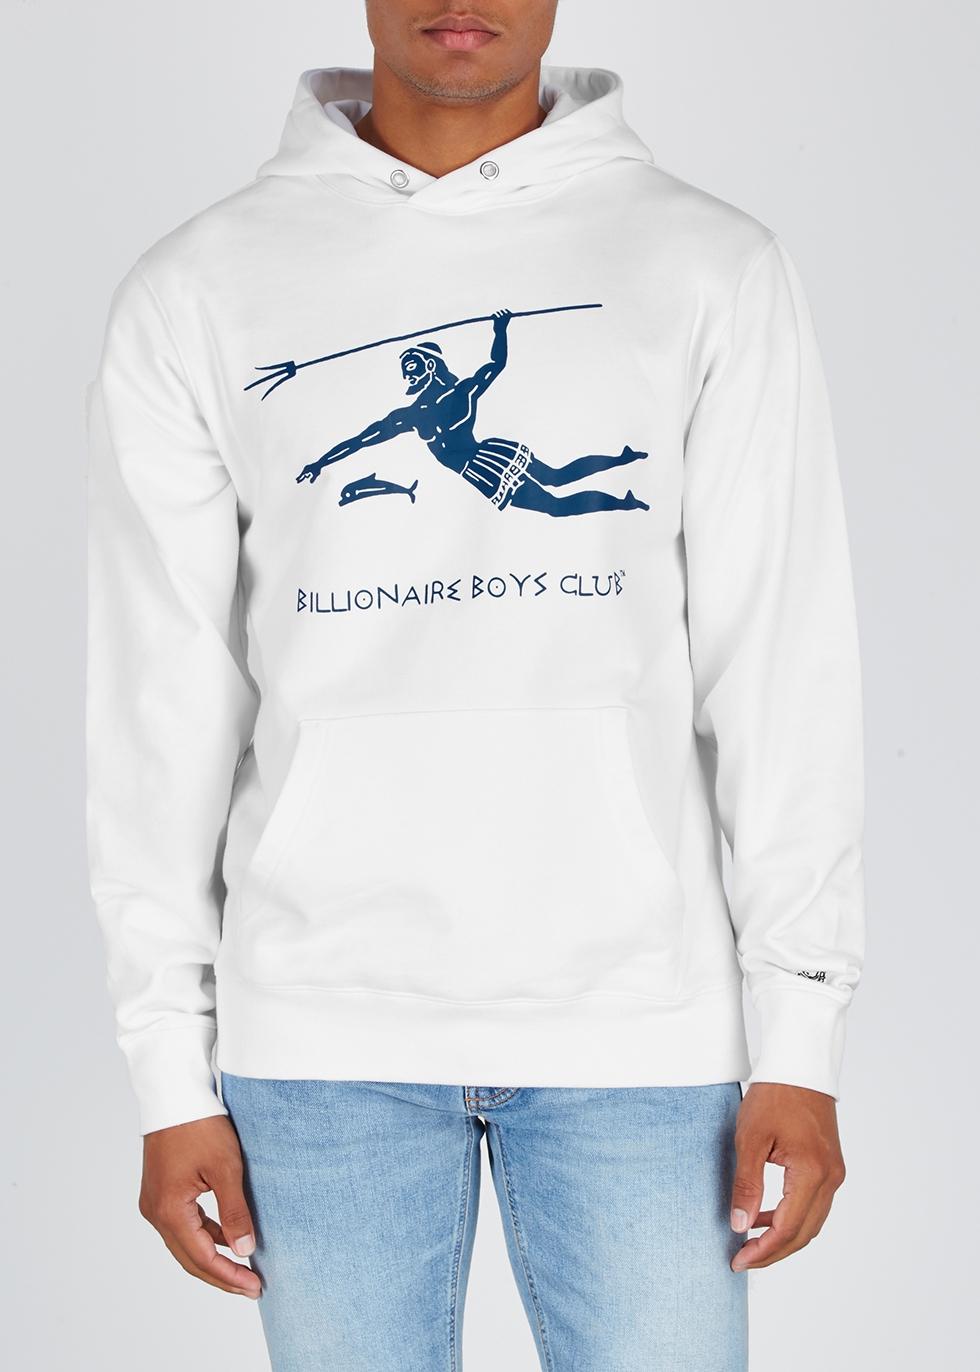 Neptune white jersey sweatshirt - Billionaire Boys Club